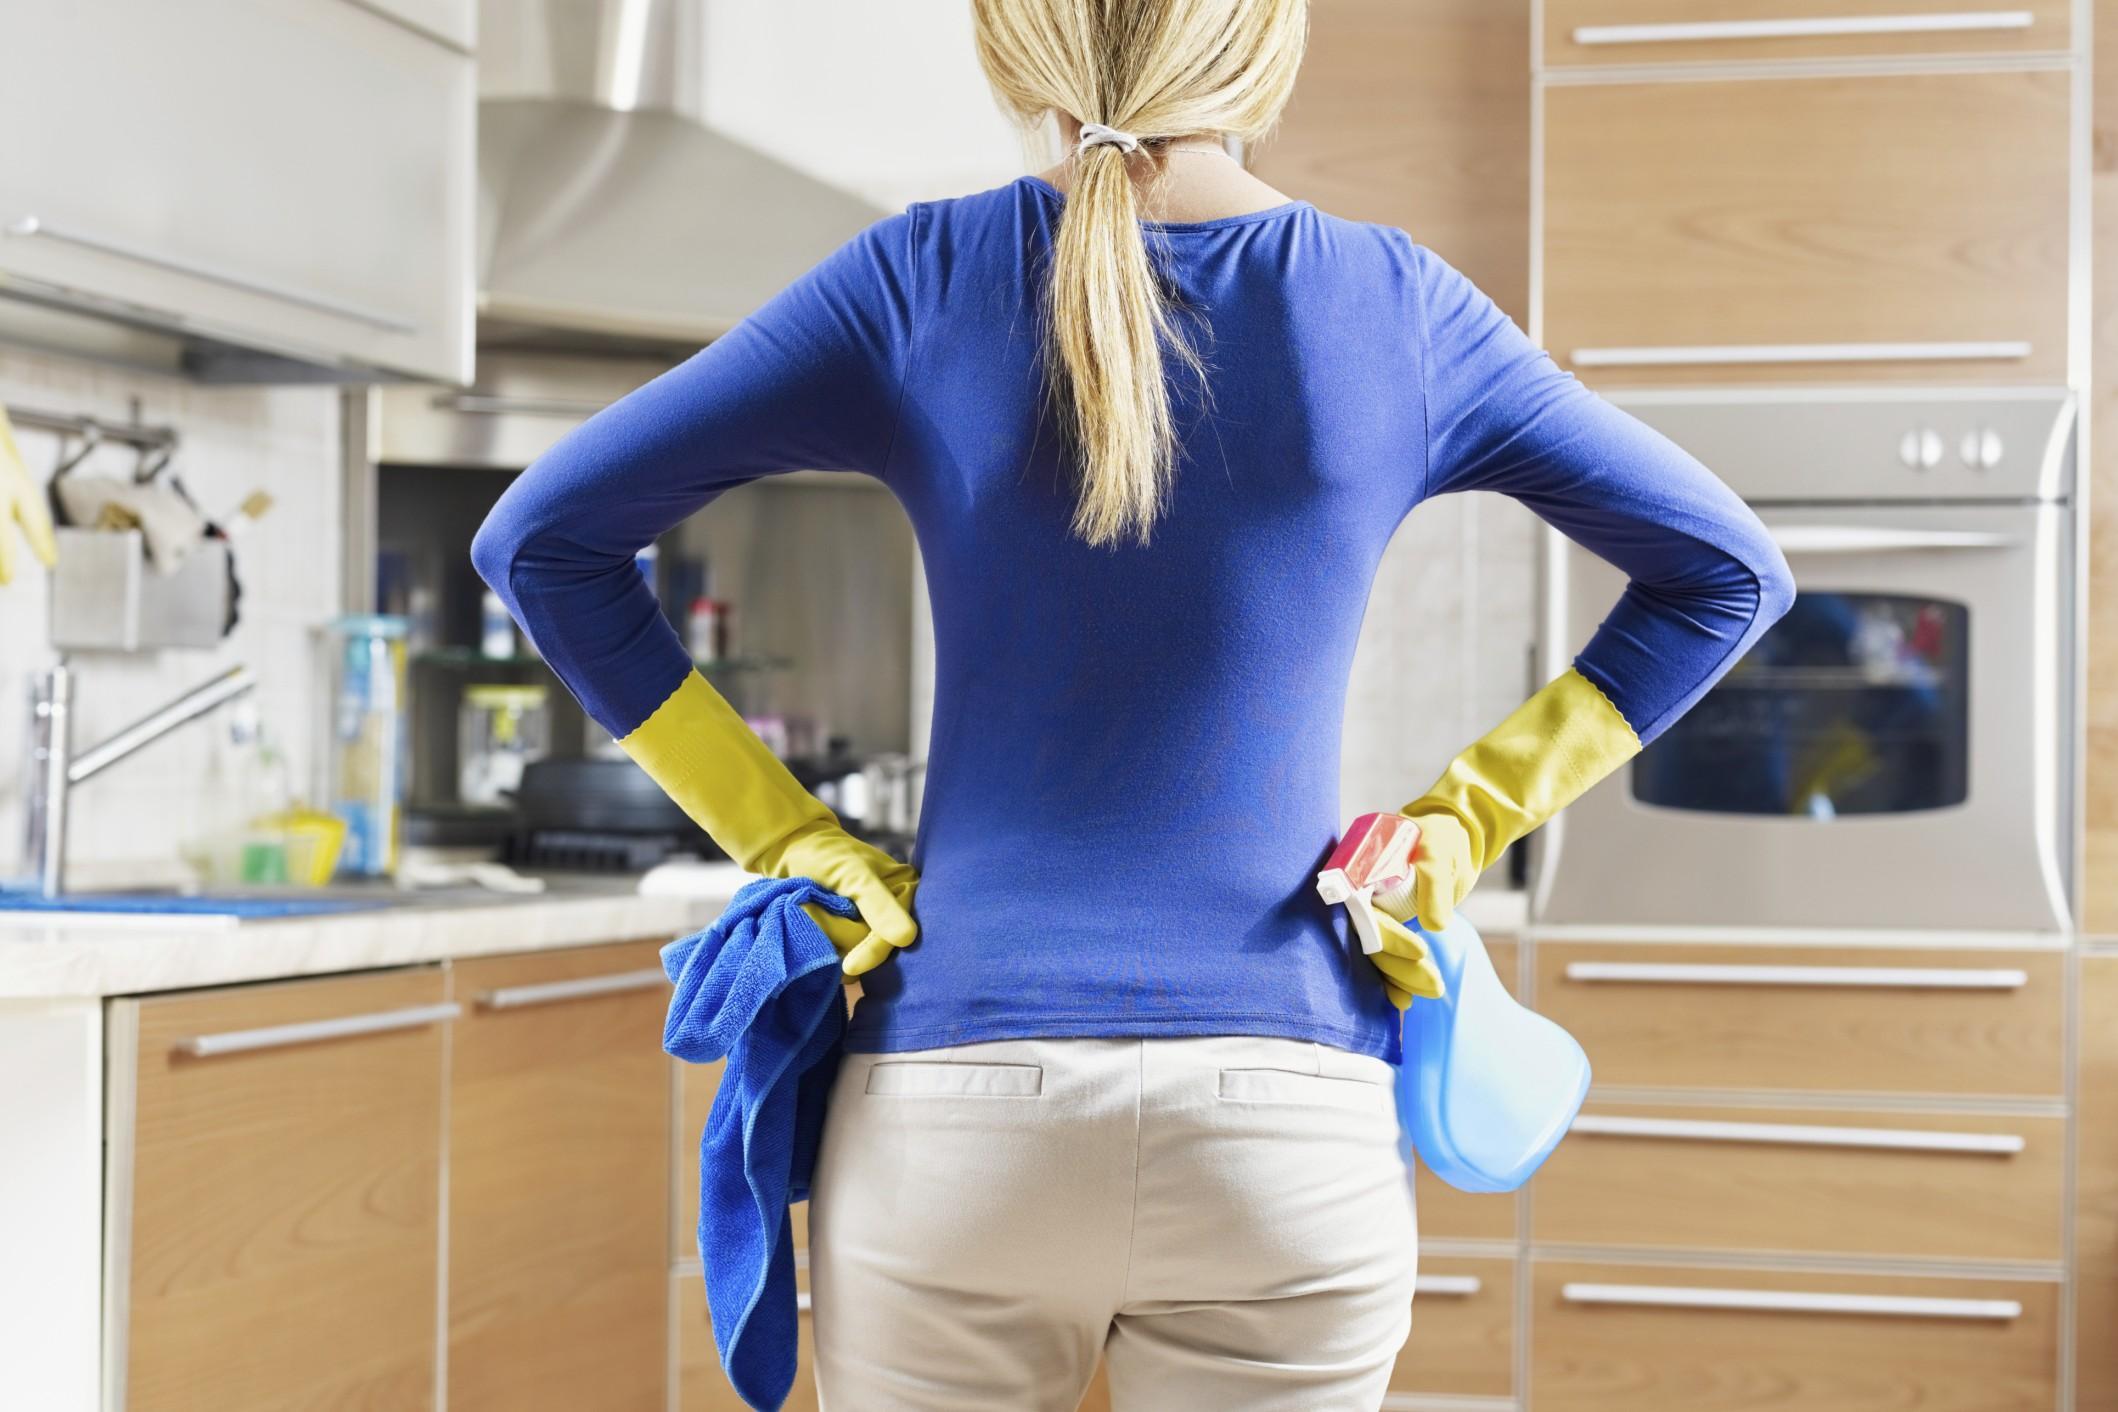 Una delle casalinghe di cui si parla nell'articolo, di fronte ai mille lavori di casa.